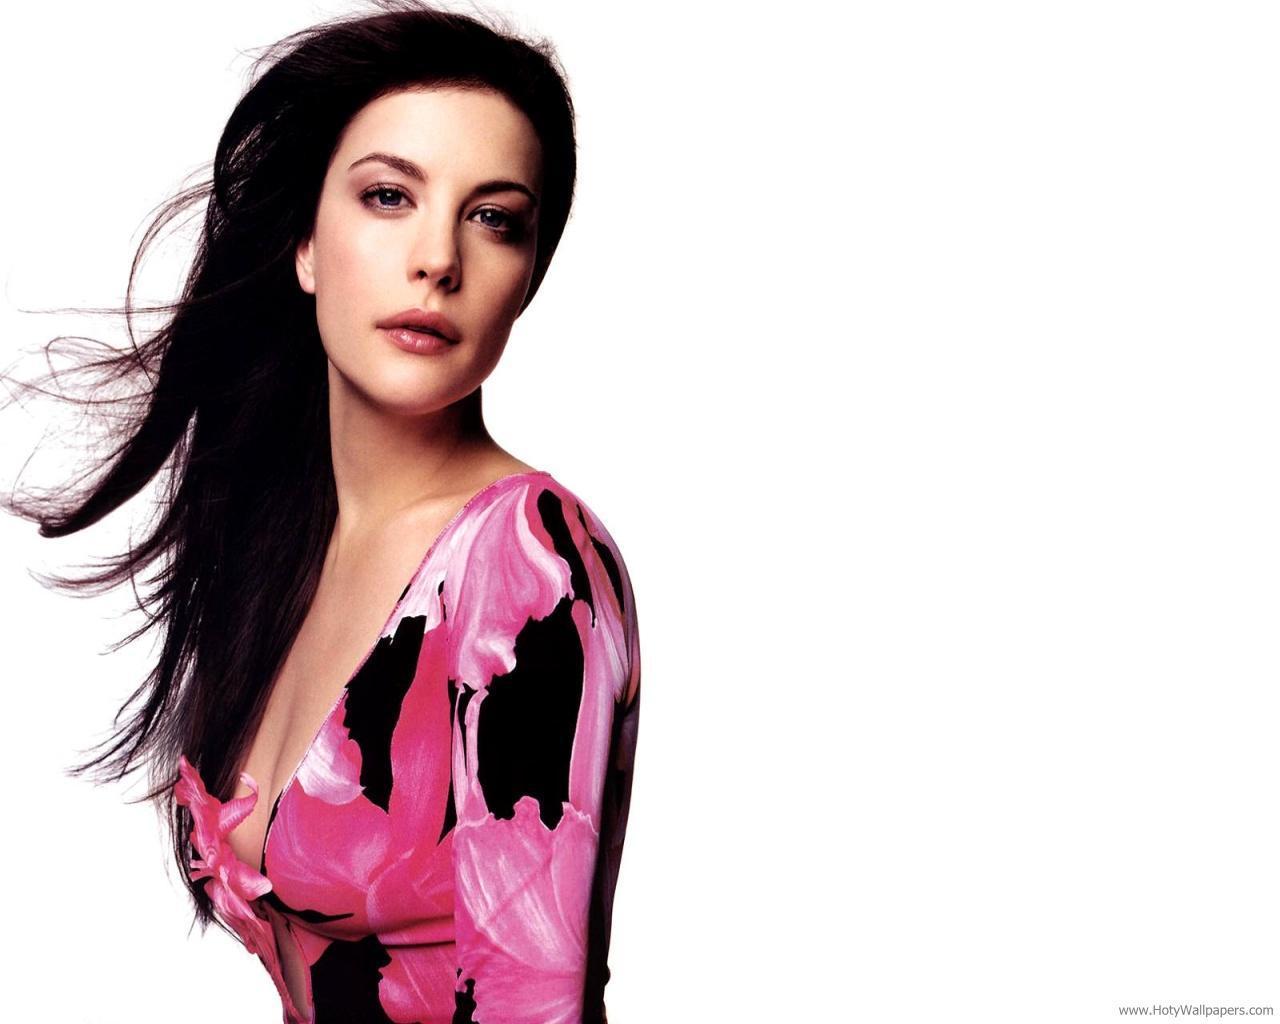 http://4.bp.blogspot.com/-Z3rC1OpQ8Rw/TprfcbJG0gI/AAAAAAAAL6M/ldxHYZClpog/s1600/liv_tyler_actress_wallpaper.jpg